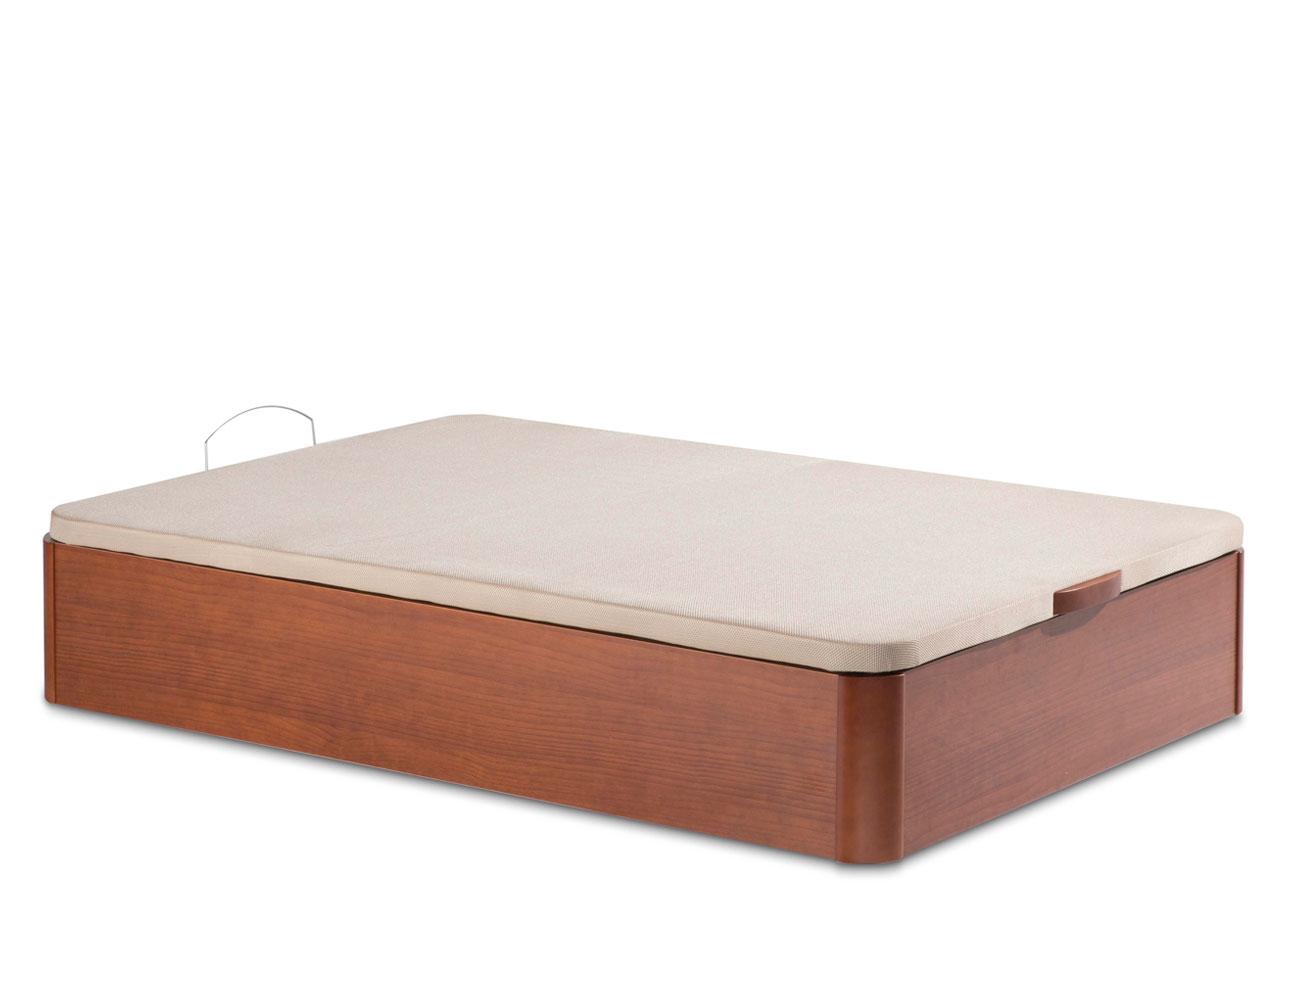 Canape madera base 3d 7310